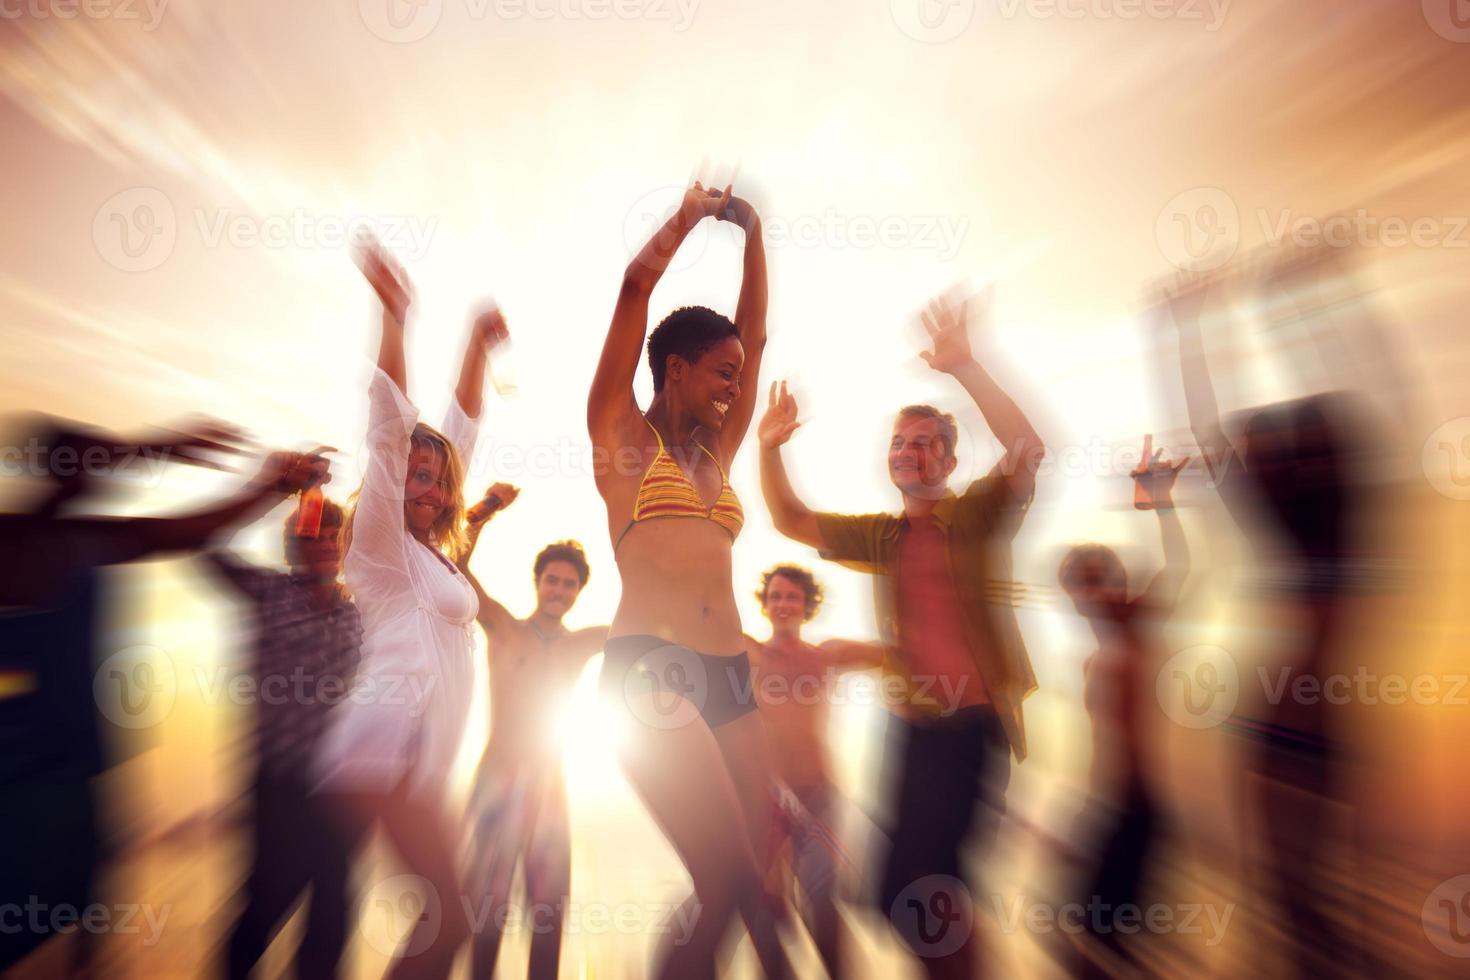 dança festa apreciação felicidade celebração ao ar livre praia conc foto